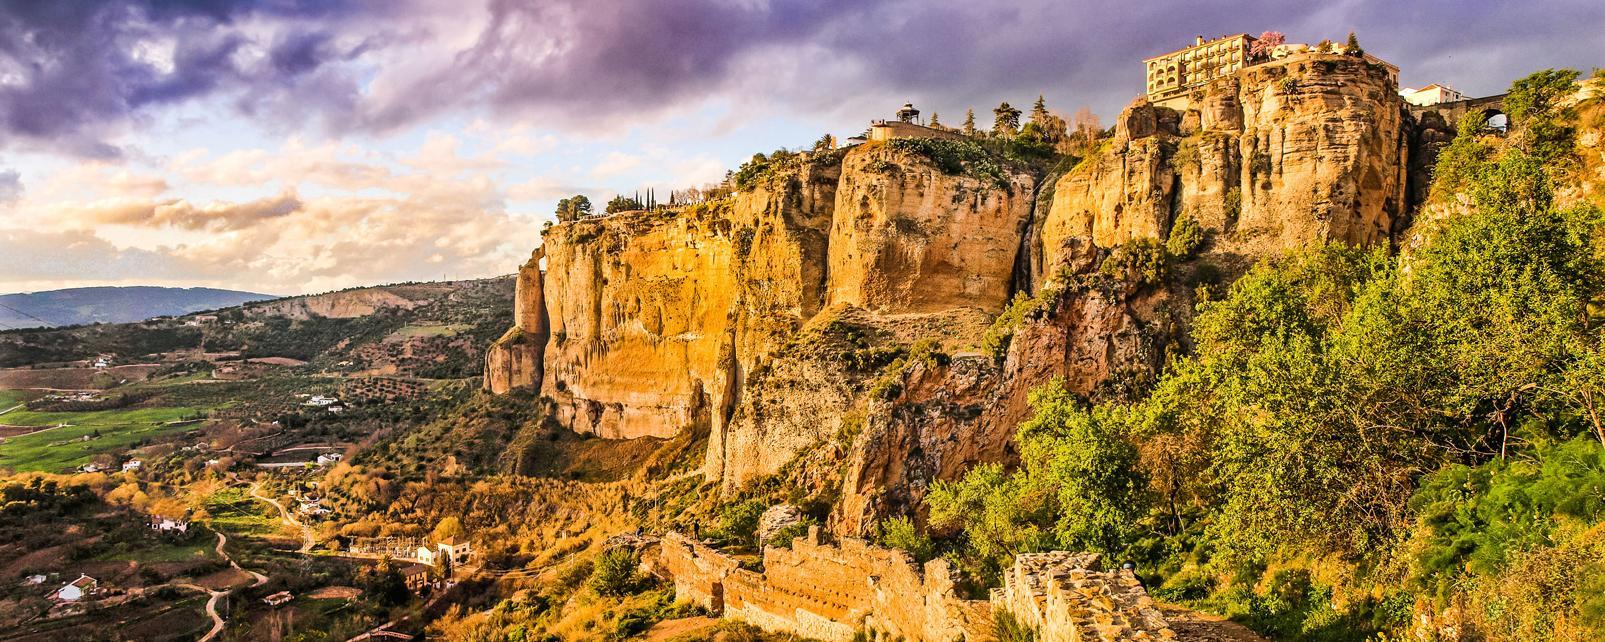 Attrazioni turistiche Andalusia  Cosa vedere cosa visitare